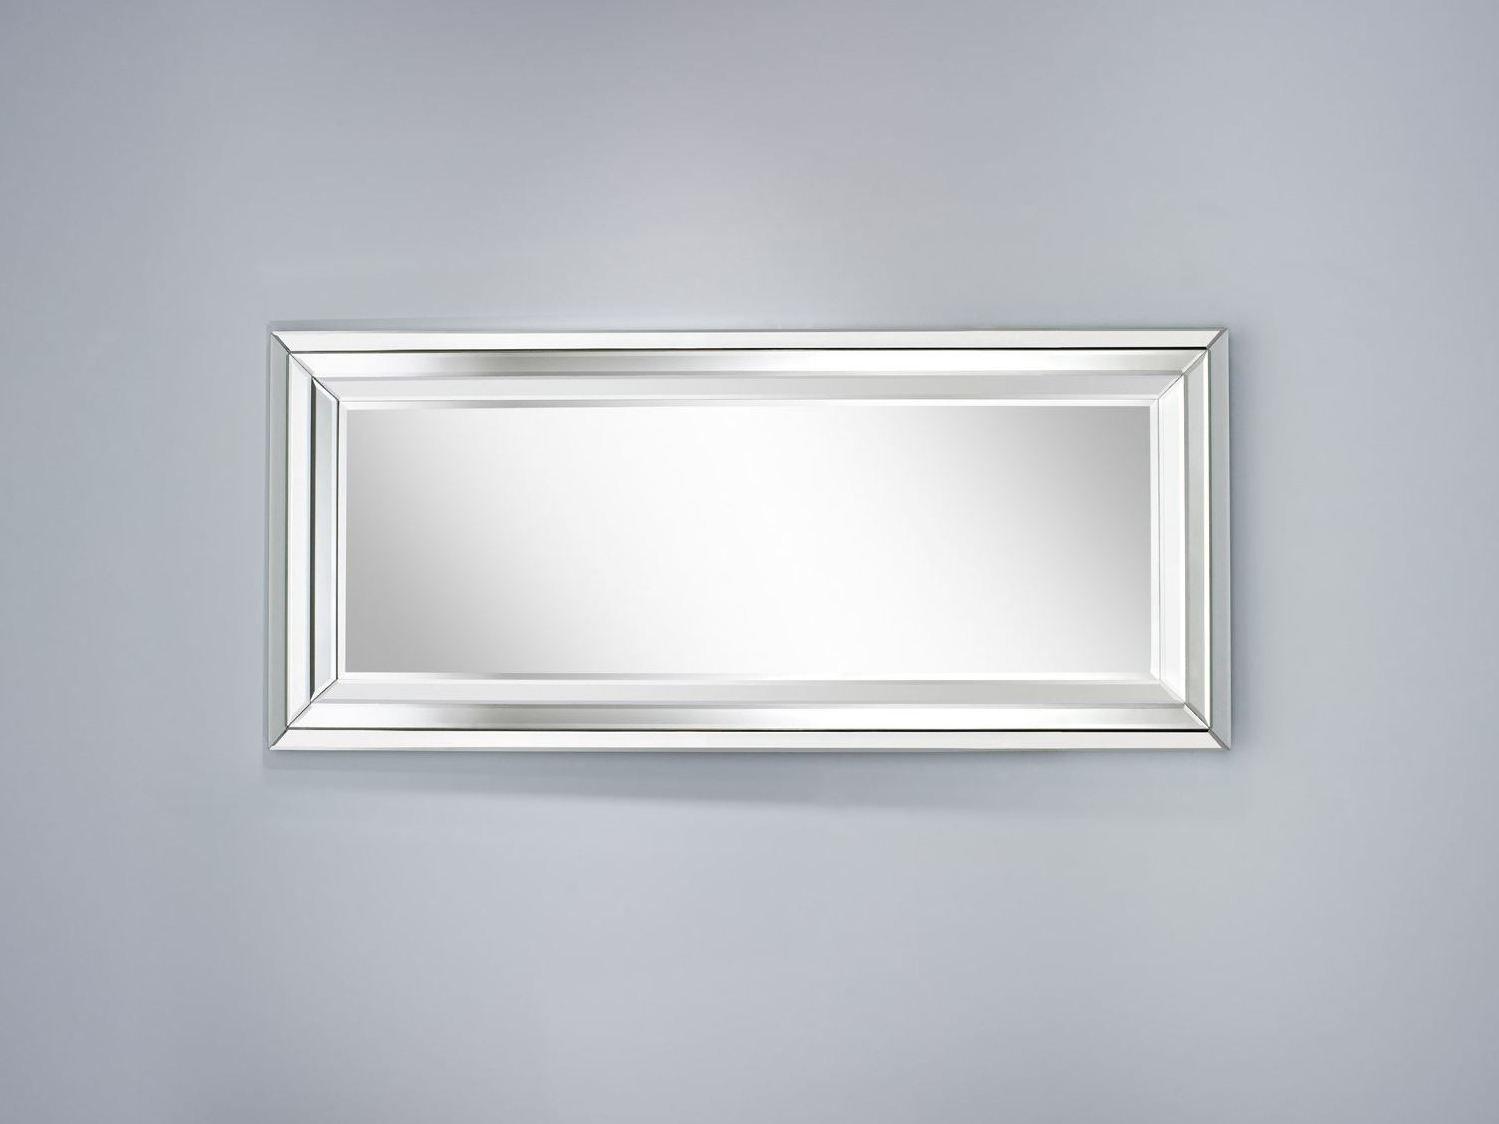 Specchio Rettangolare A Parete Con Cornice Bright L By